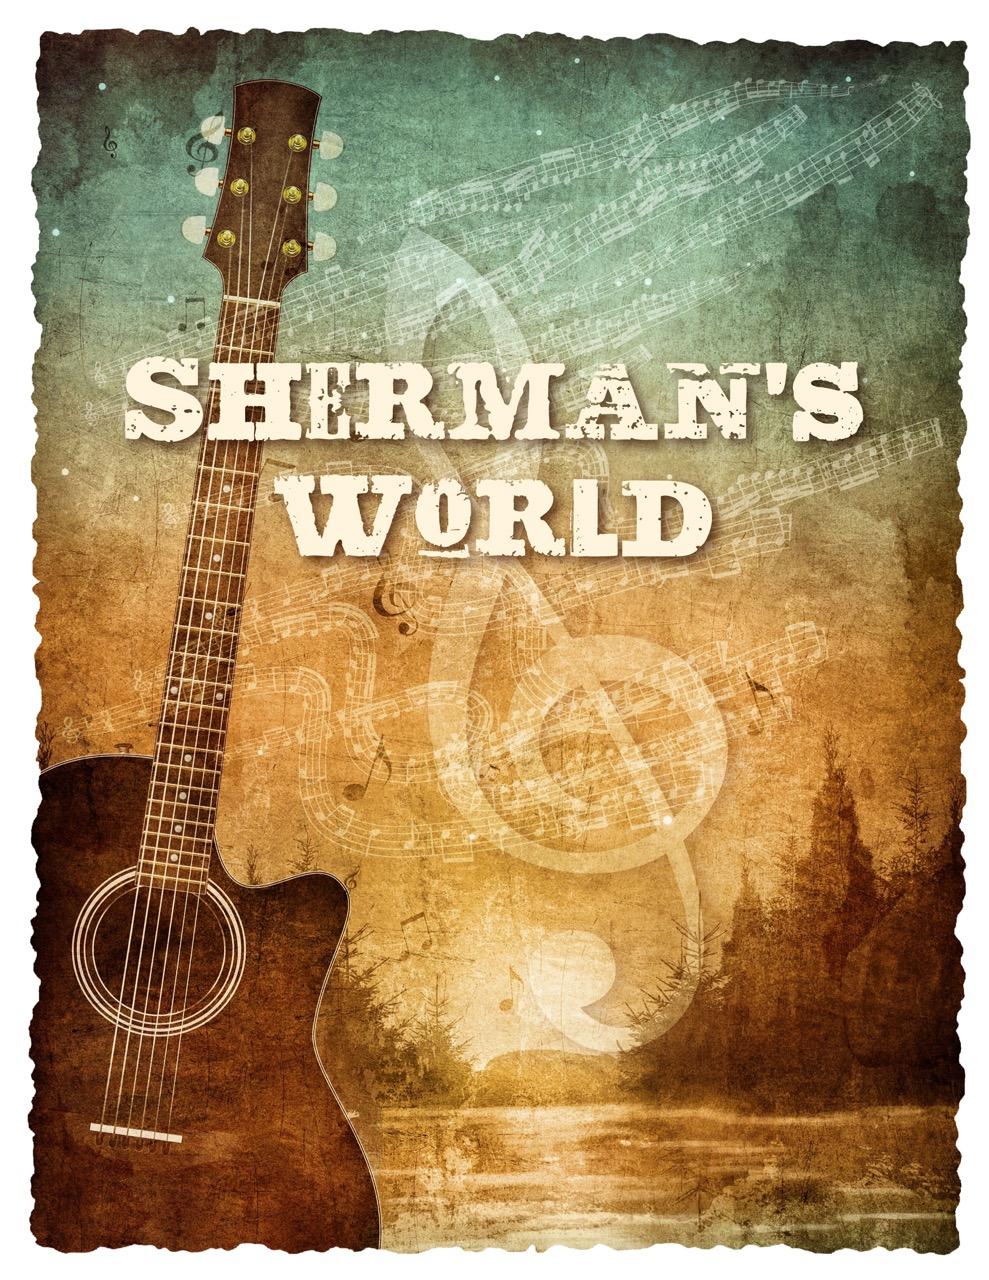 Sherman's World DVD cover1.jpg